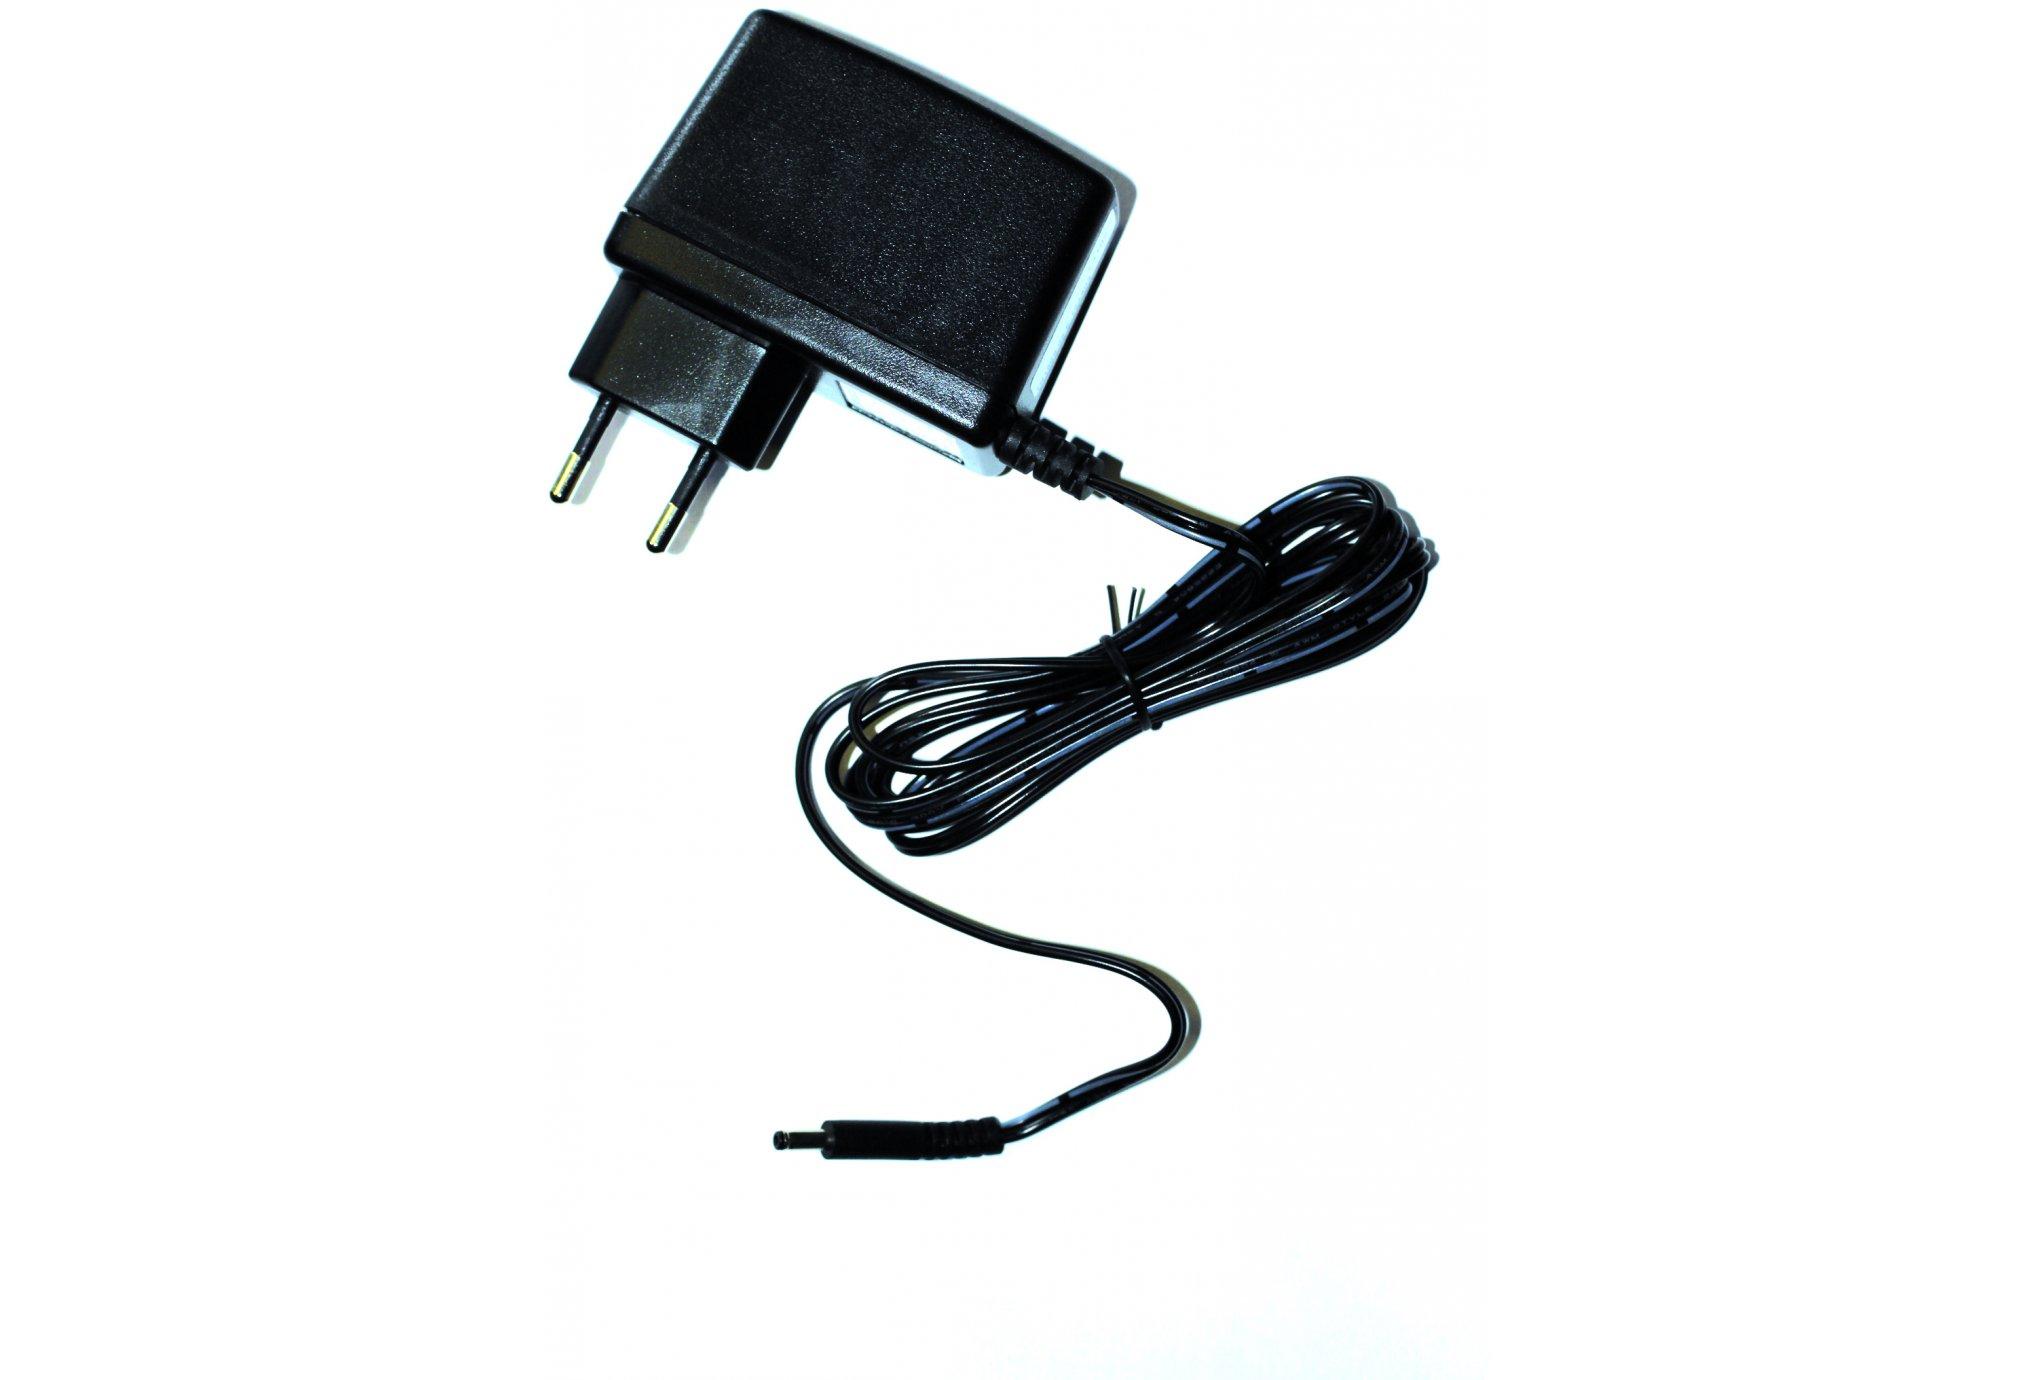 Compex Chargeur 9v - 1.4a electrostimulateur